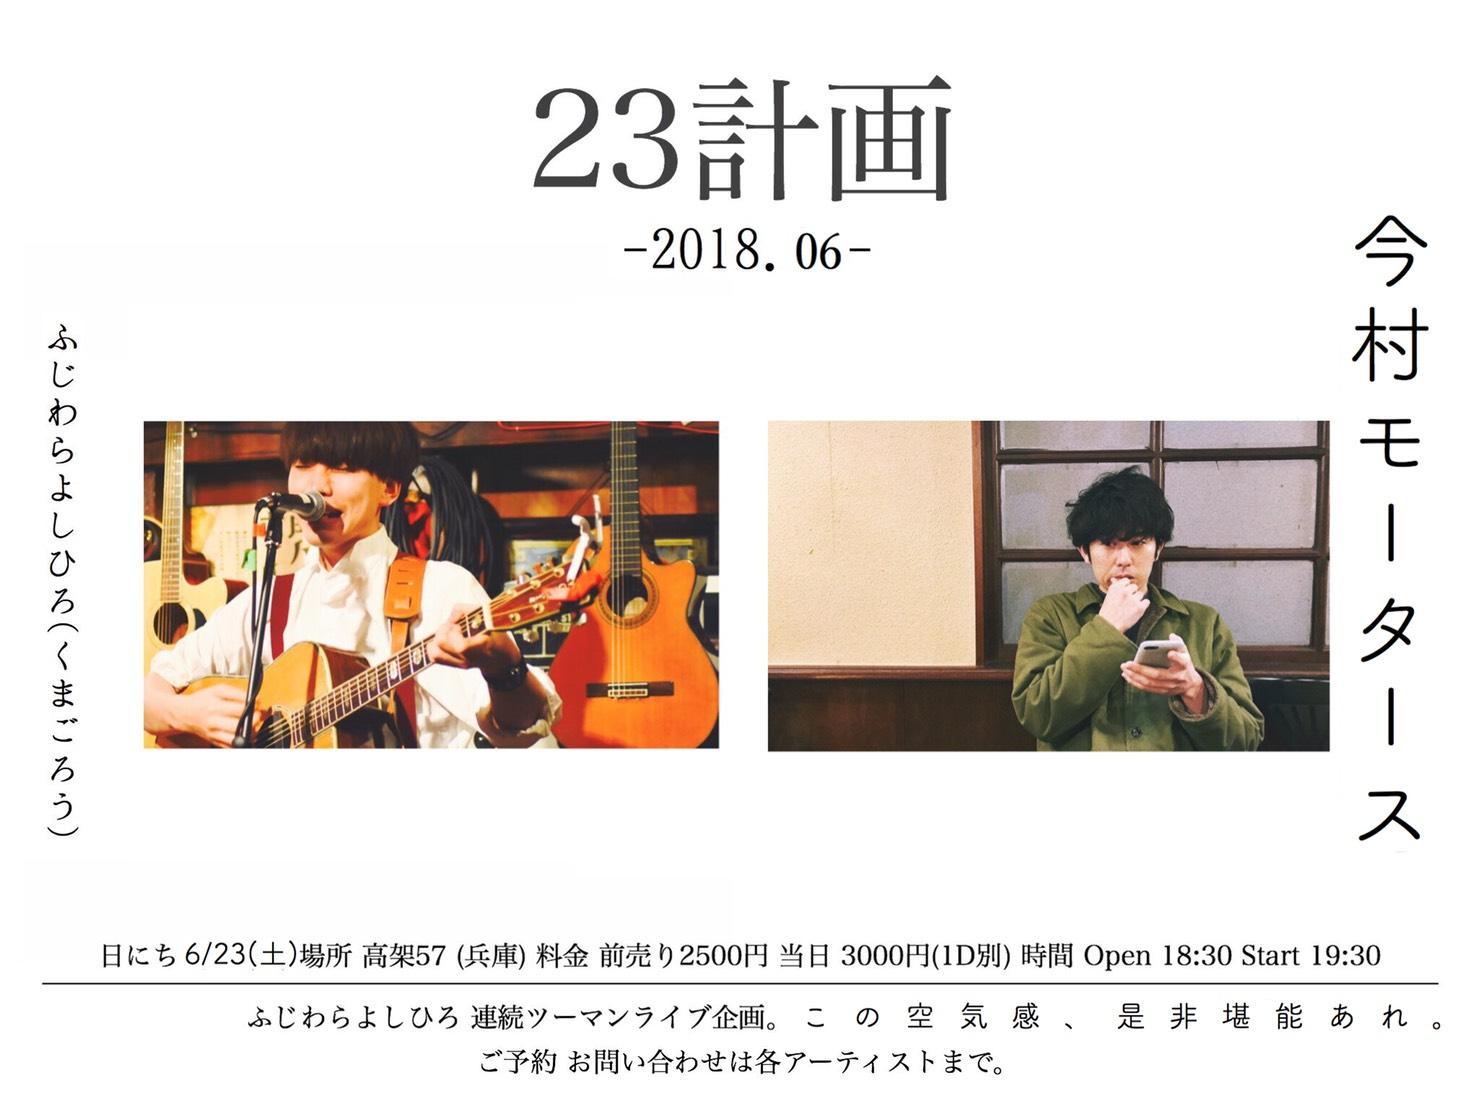 「23計画」今村モータース18時30分開場